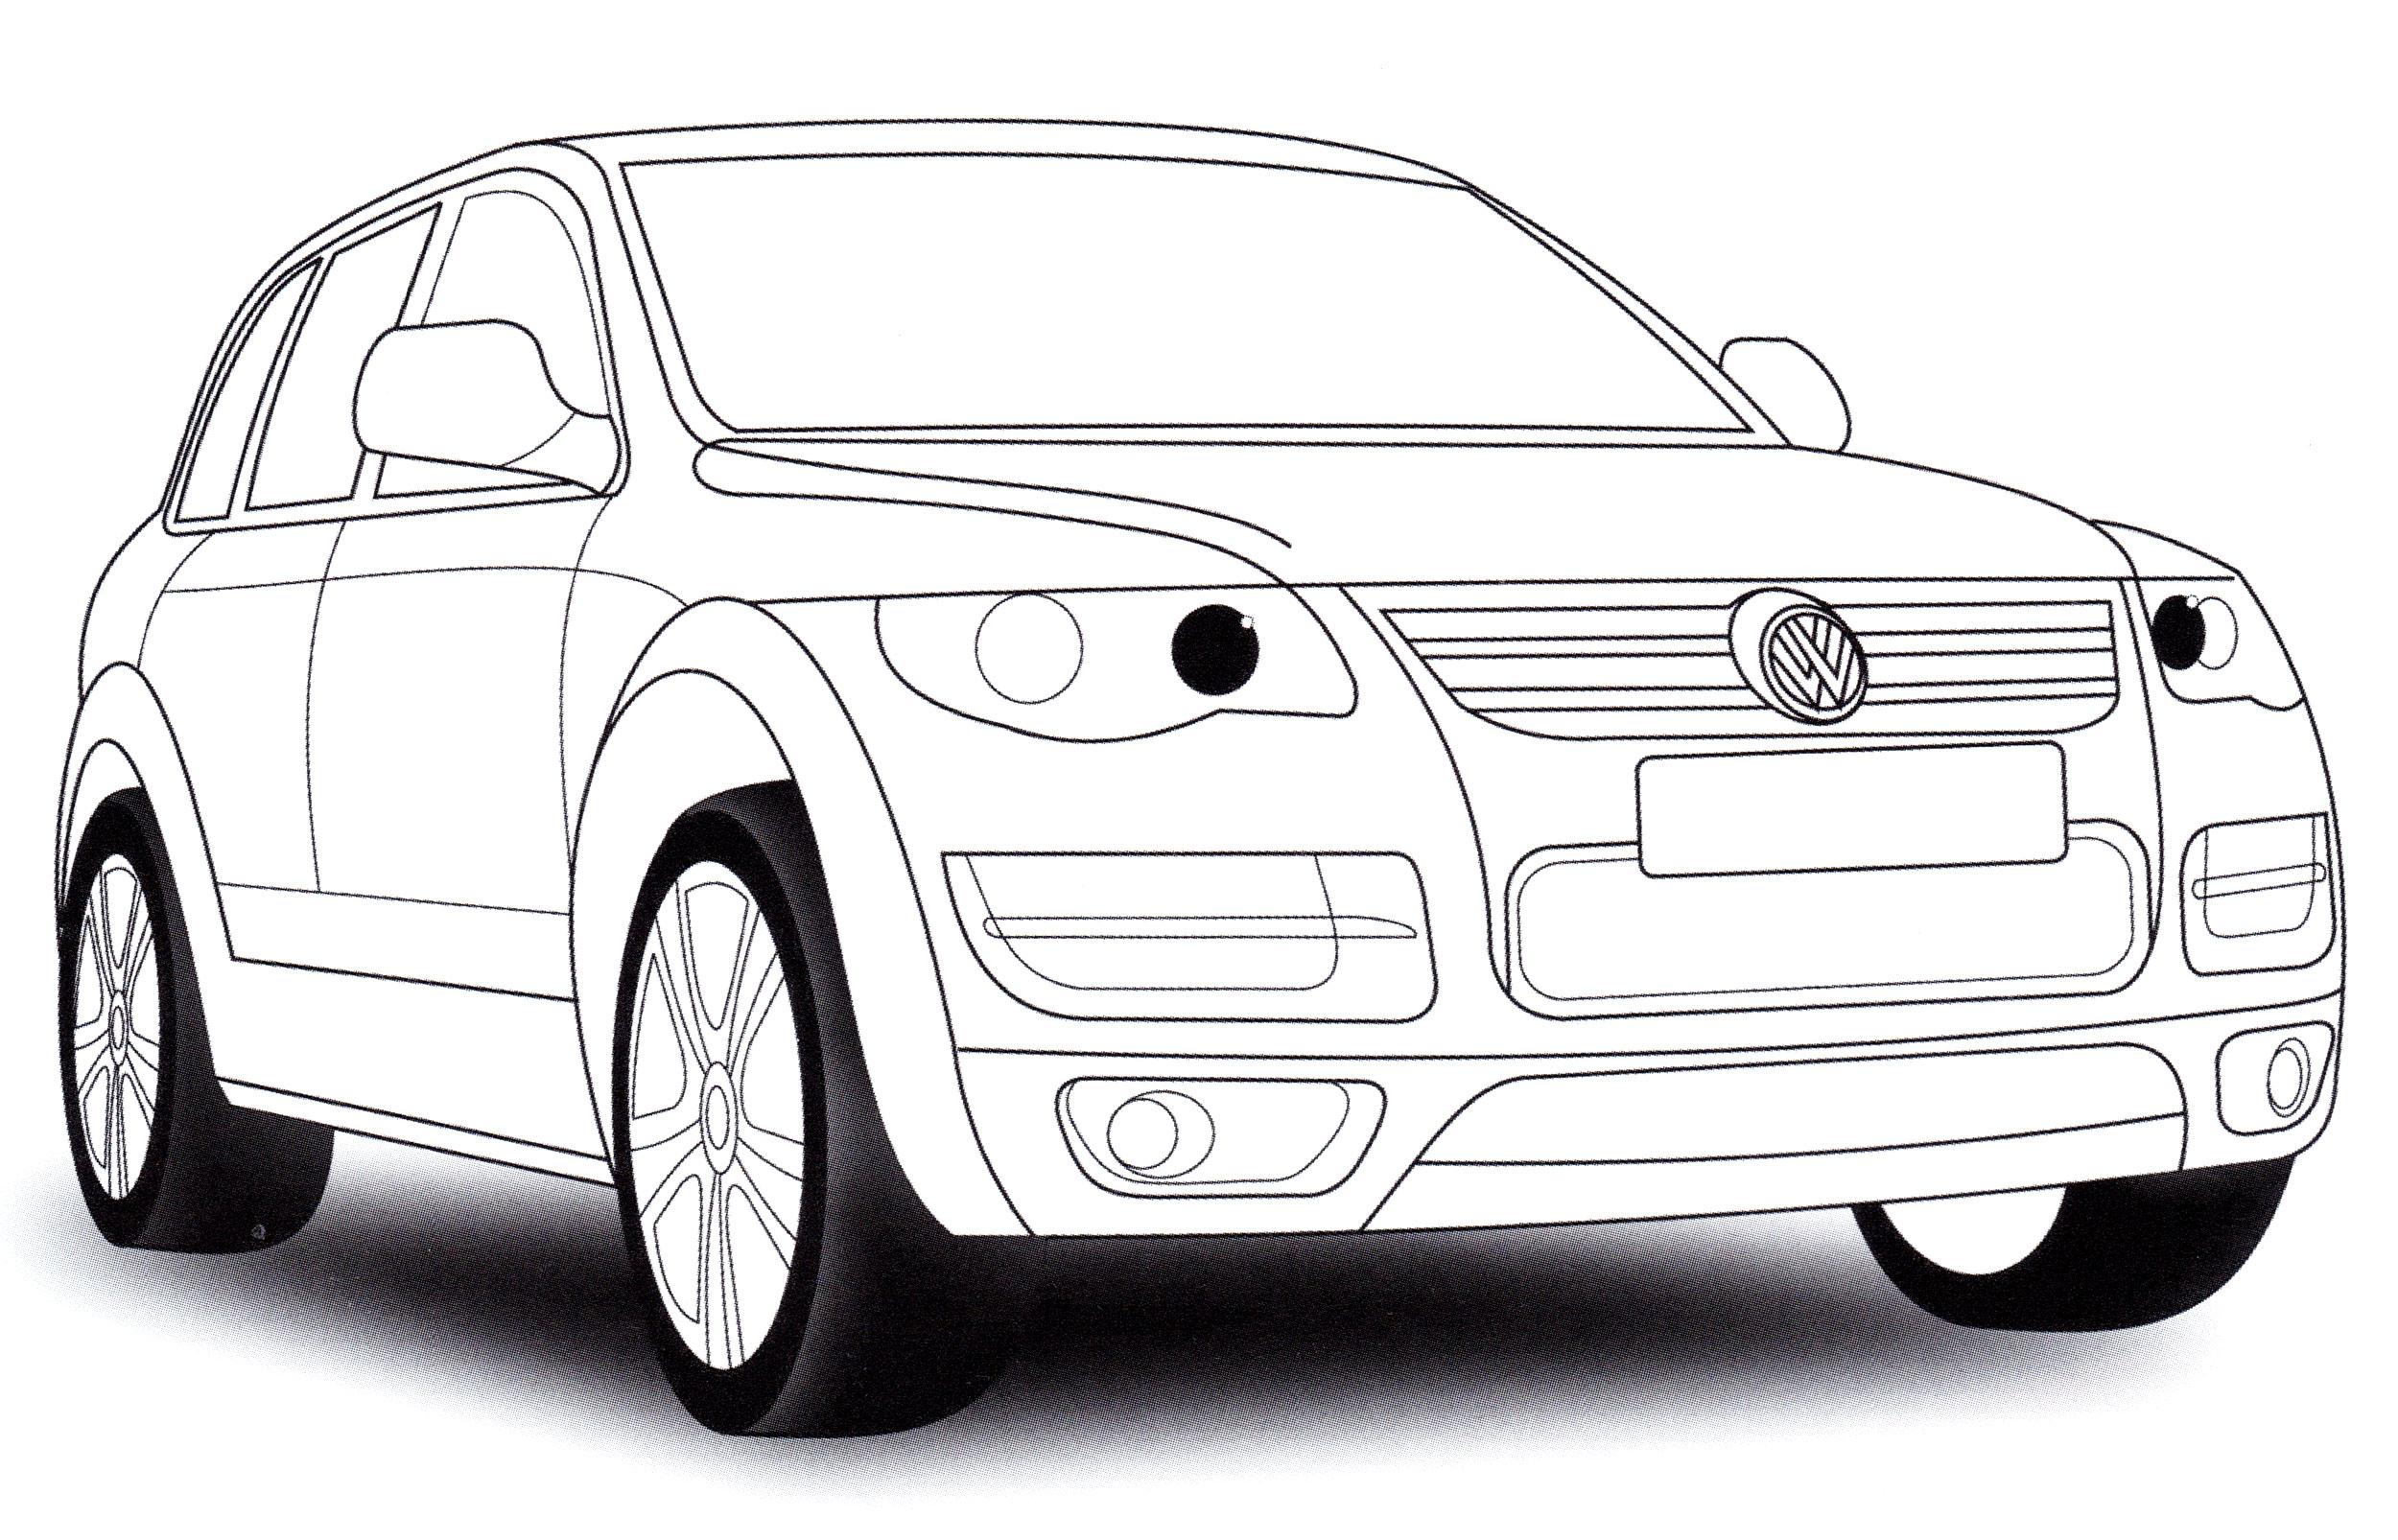 Раскраска Volkswagen Touareg - распечатать бесплатно